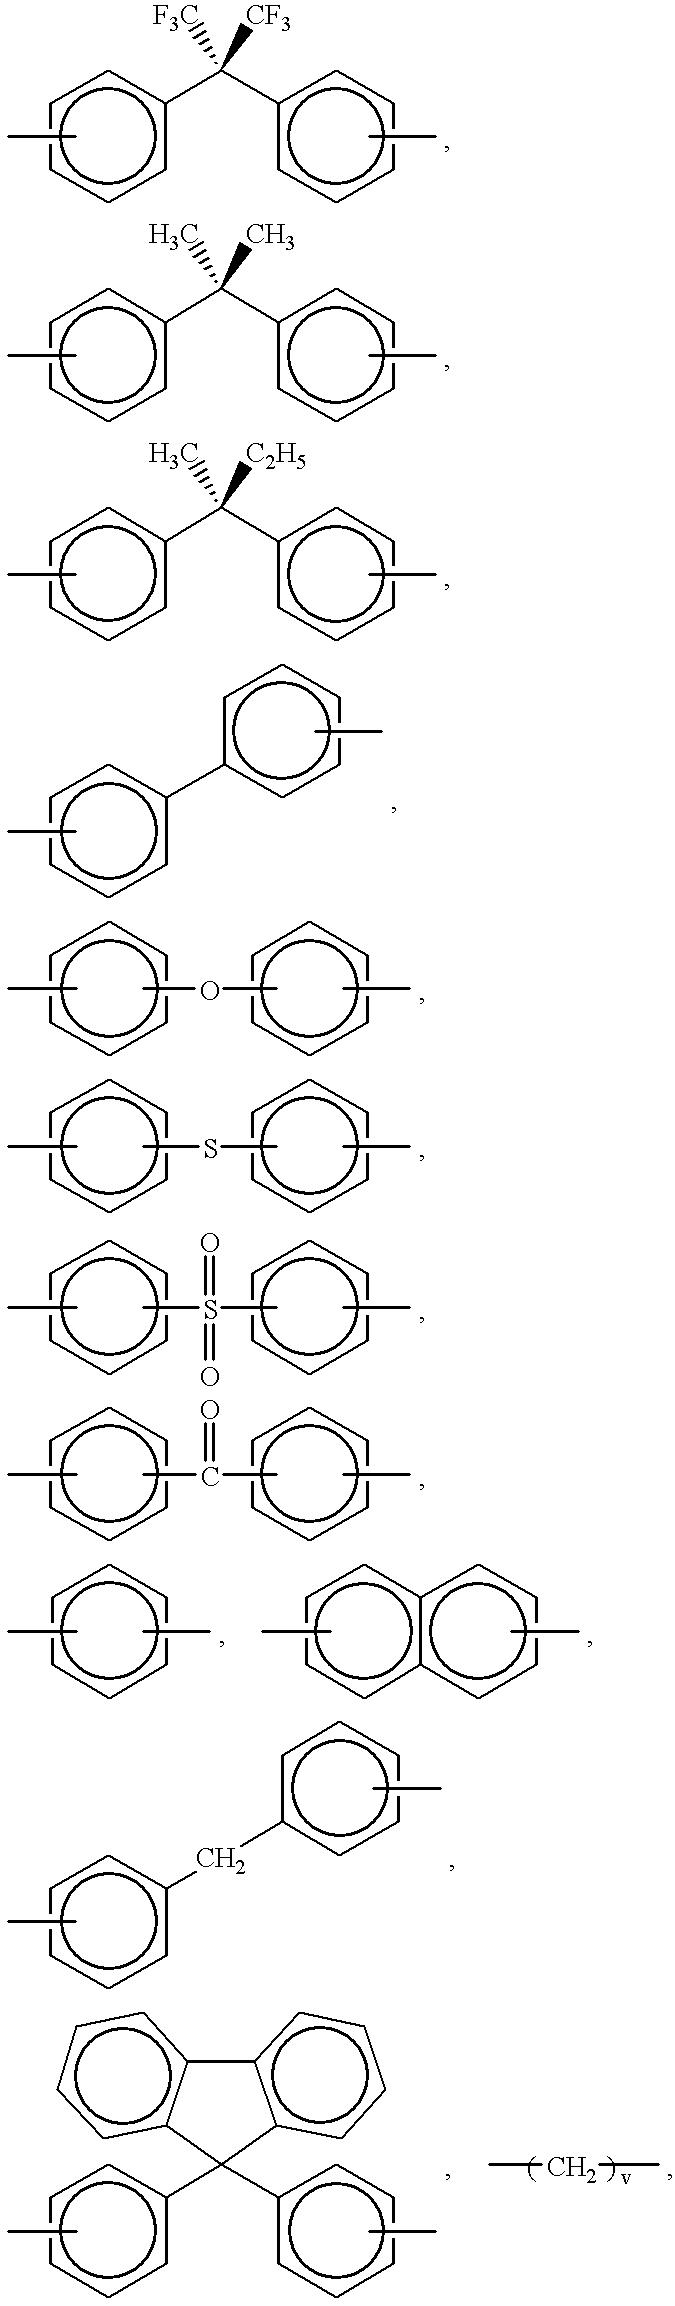 Figure US06273985-20010814-C00031